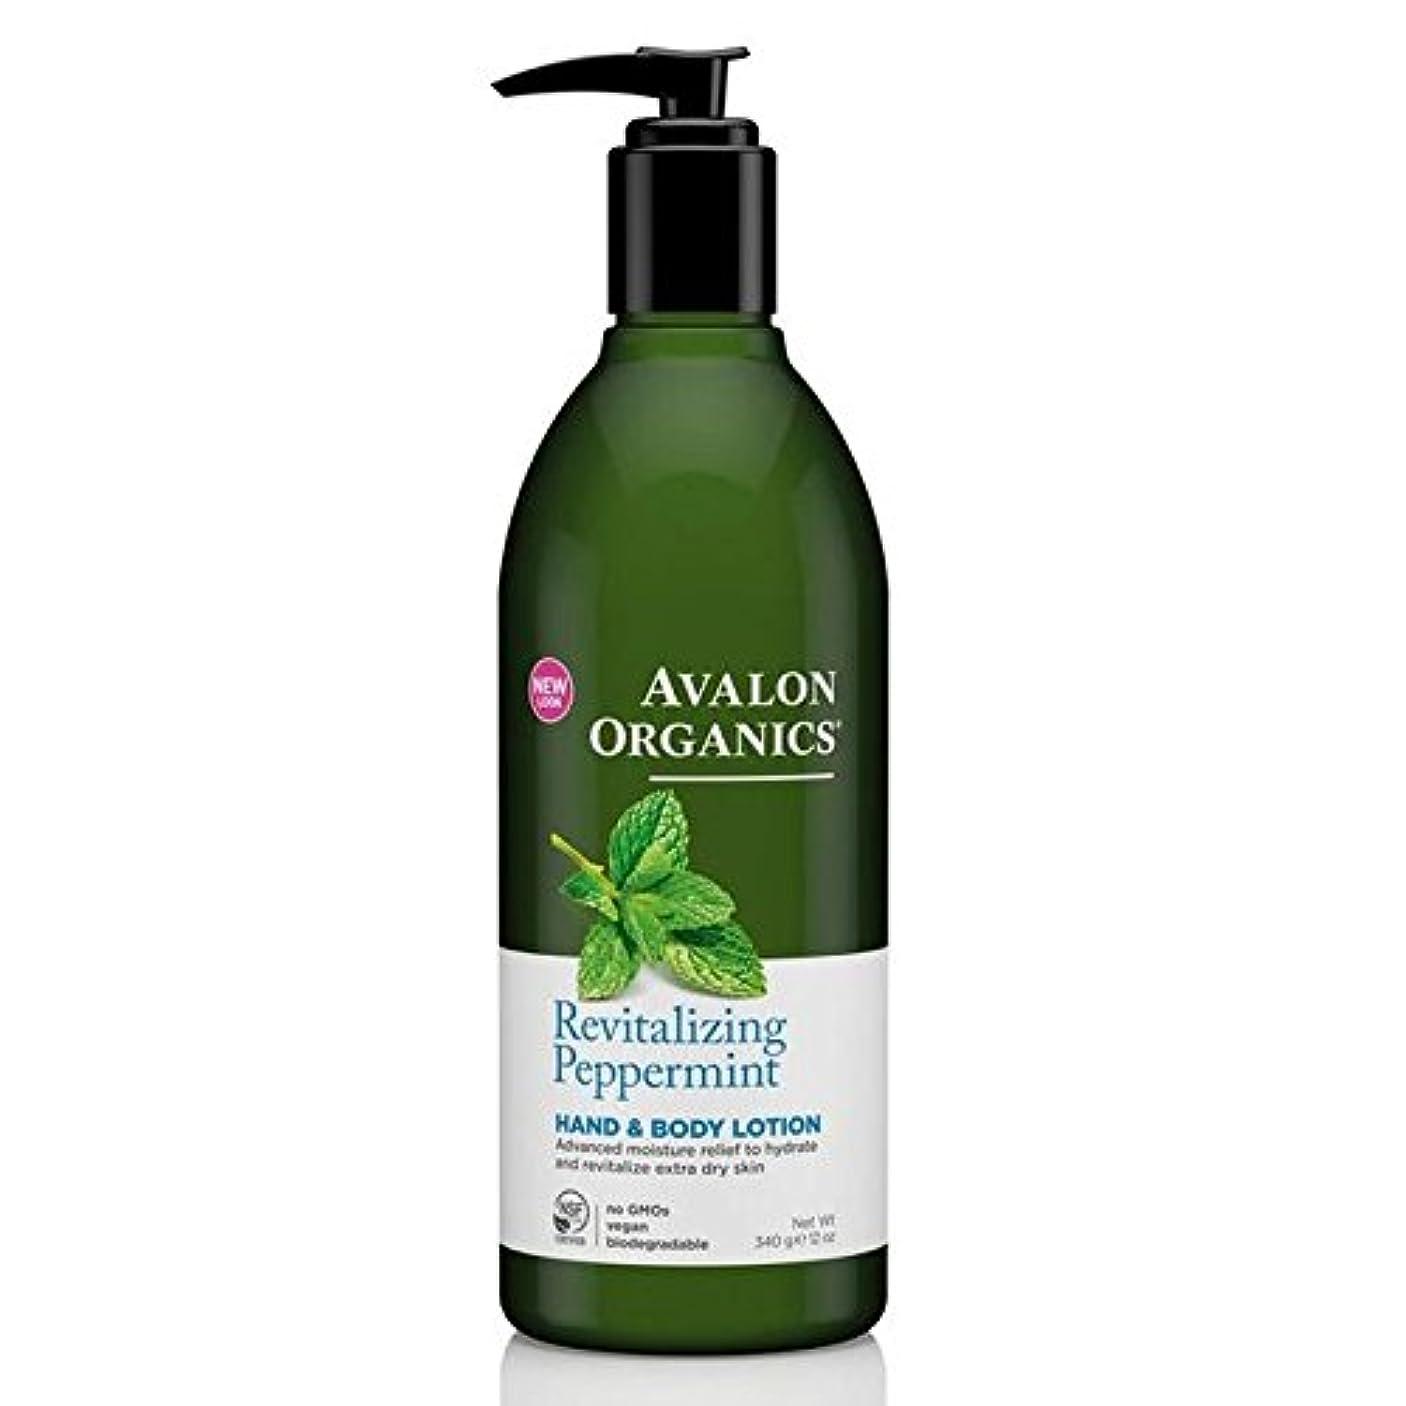 拮抗する敬礼衣服Avalon Peppermint Hand & Body Lotion 340g (Pack of 4) - (Avalon) ペパーミントハンド&ボディローション340グラム (x4) [並行輸入品]